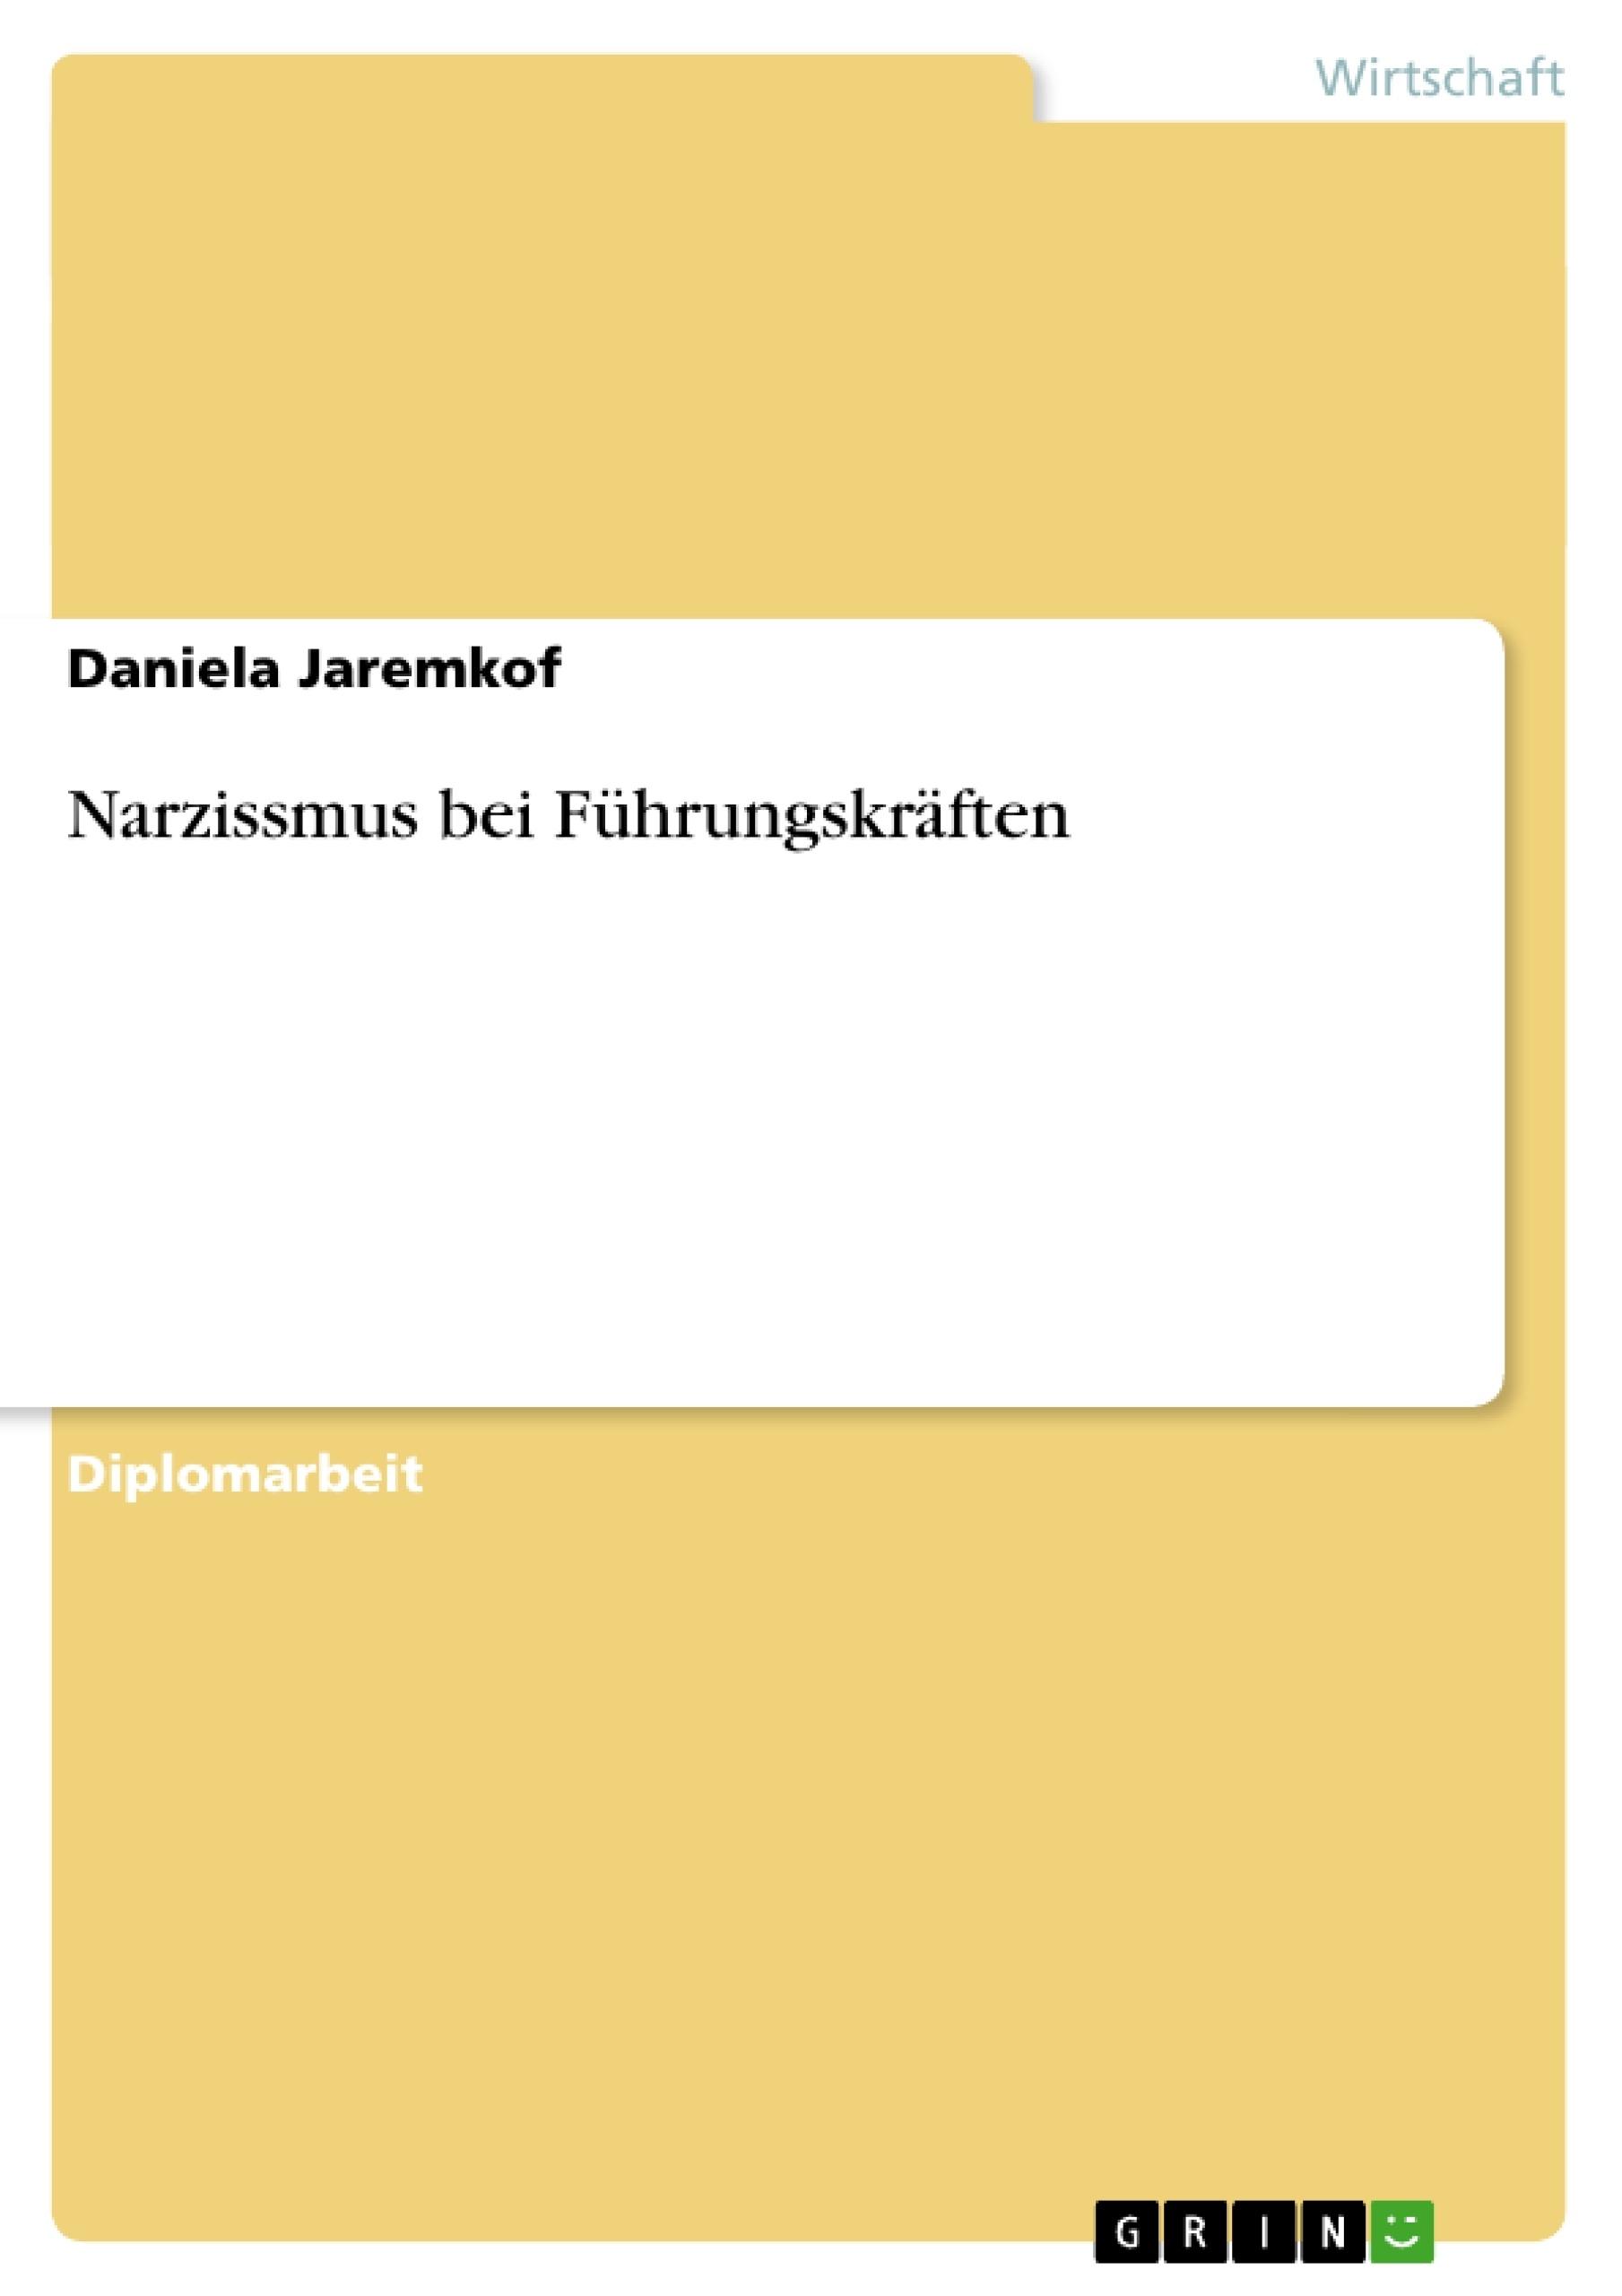 Titel: Narzissmus bei Führungskräften